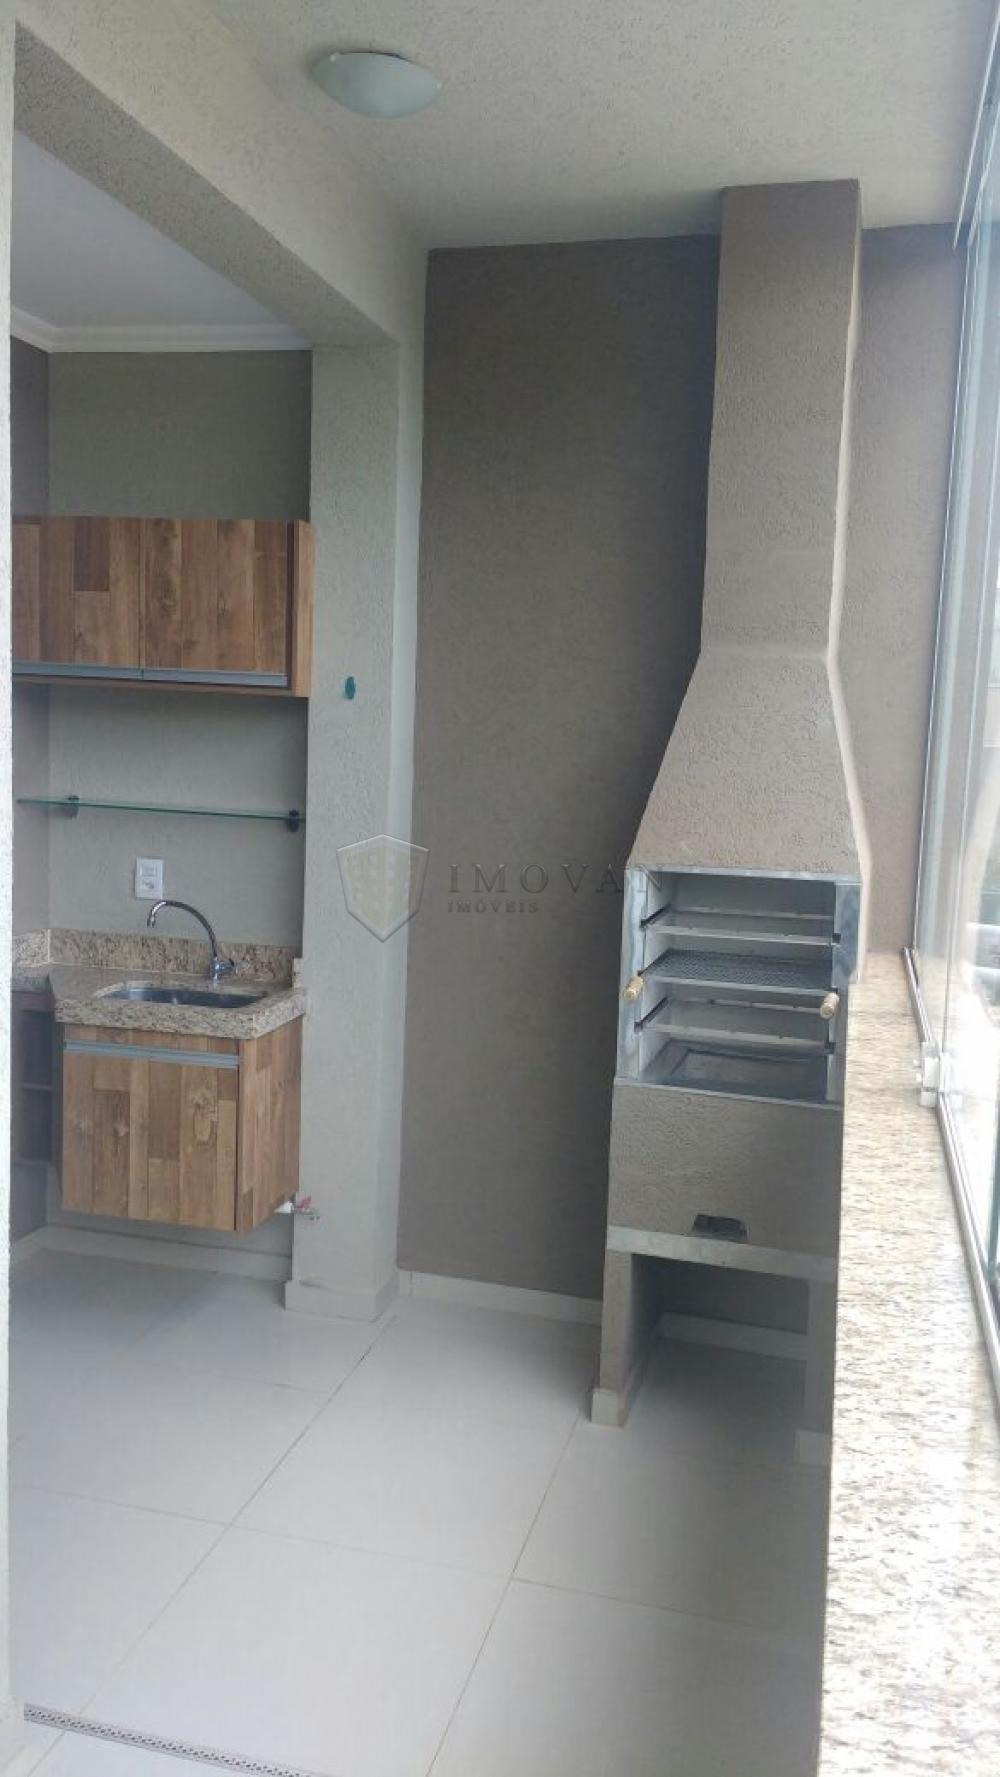 Comprar Apartamento / Padrão em Ribeirão Preto apenas R$ 365.000,00 - Foto 11